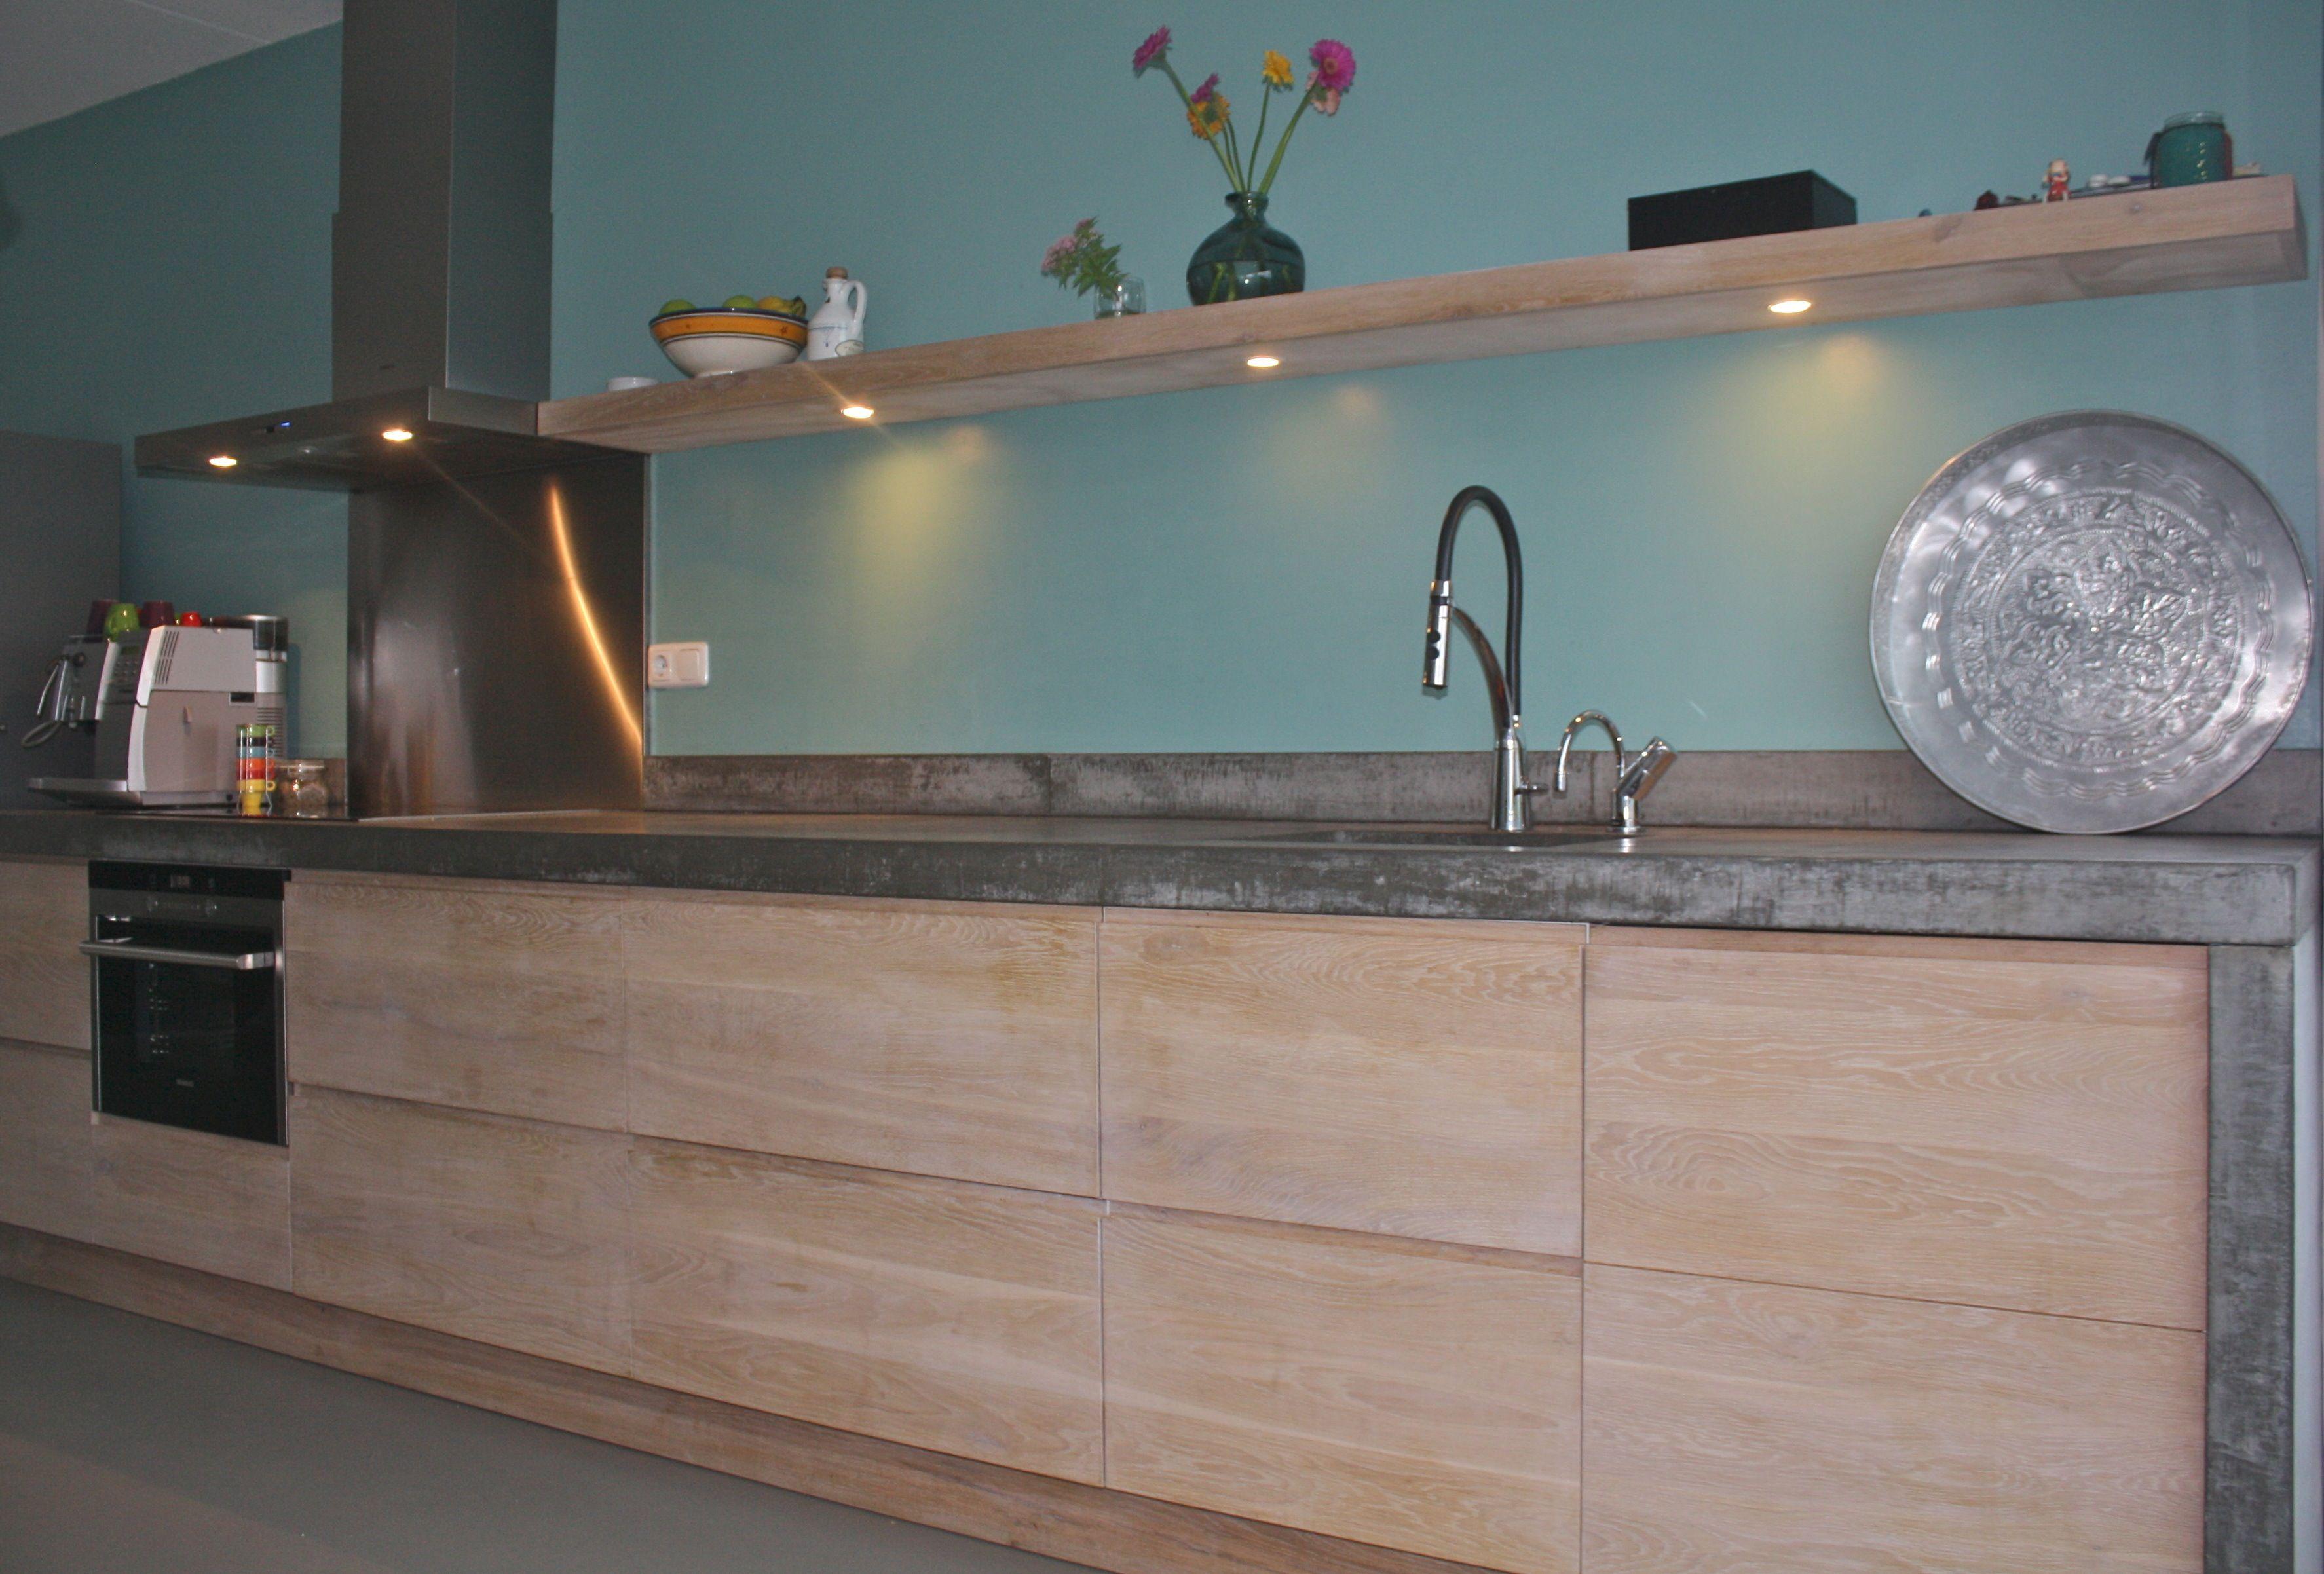 Blauw Keuken Ikea : Blauw op de muur houten greeploze keuken met betonnen blad op